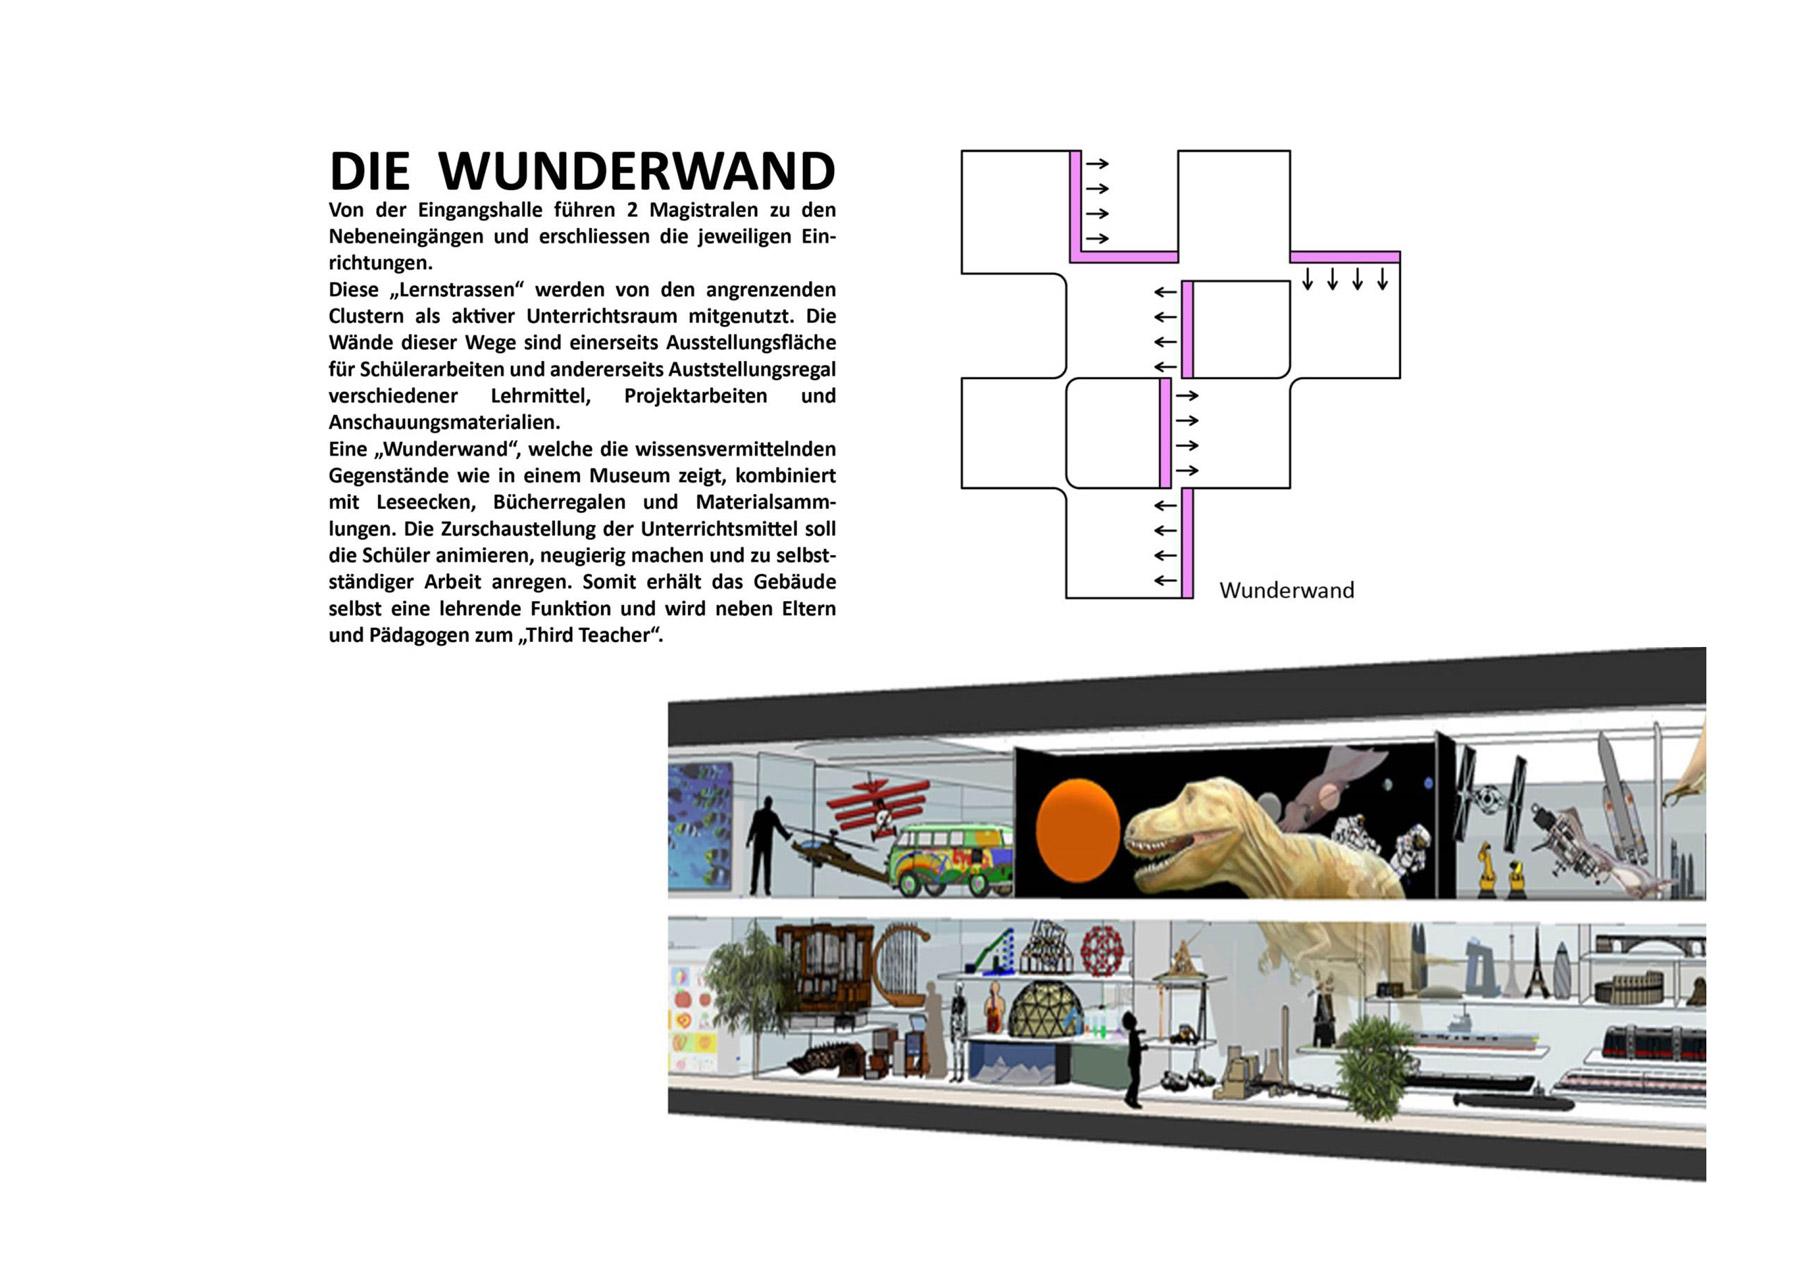 093_wb_wien_BILDUNGSKAMPUS_Slide_10